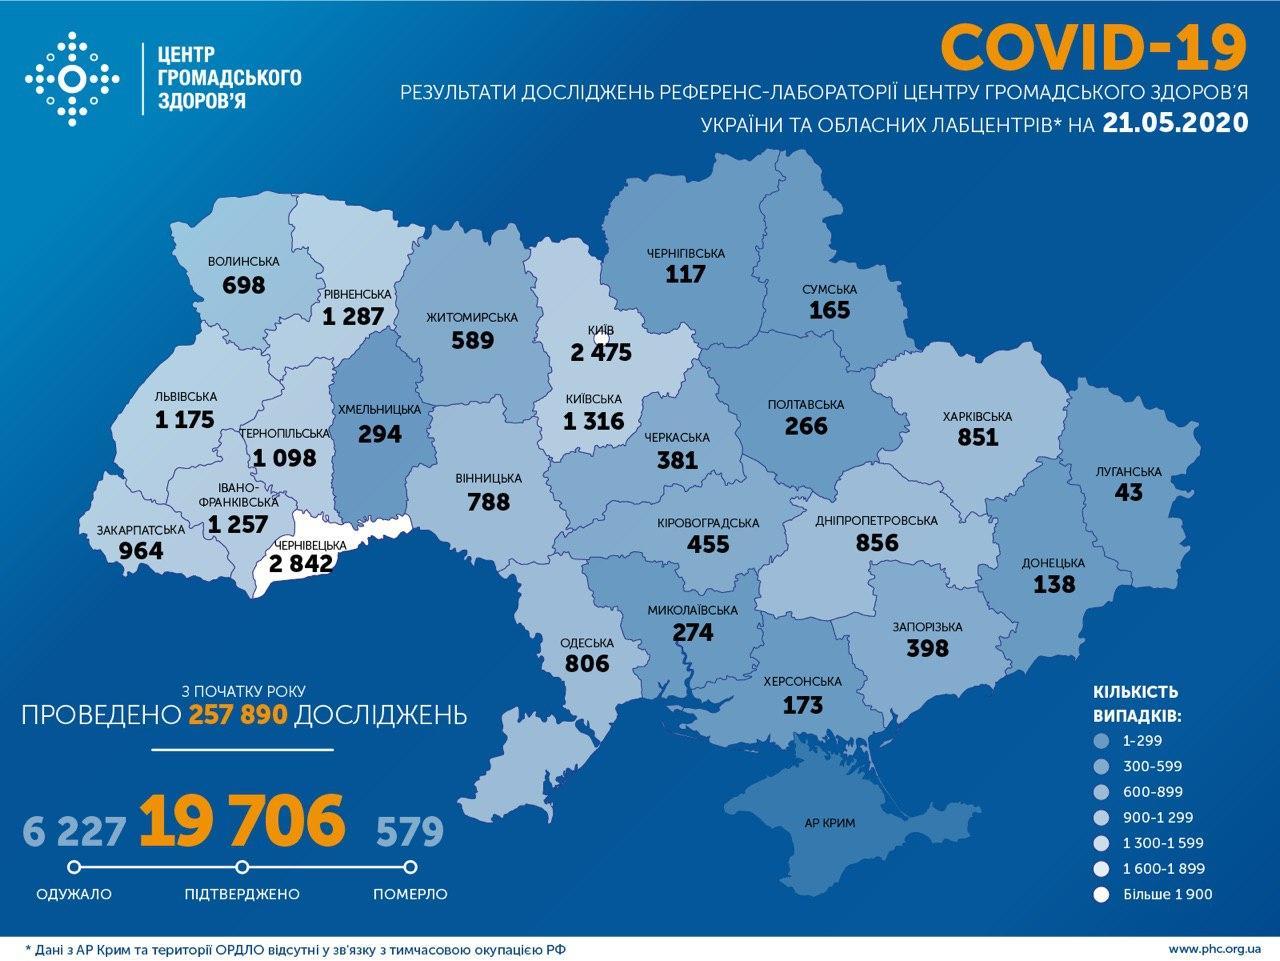 Коронавірус в Україні: кількість хворих зросла до 19706, за добу – 476